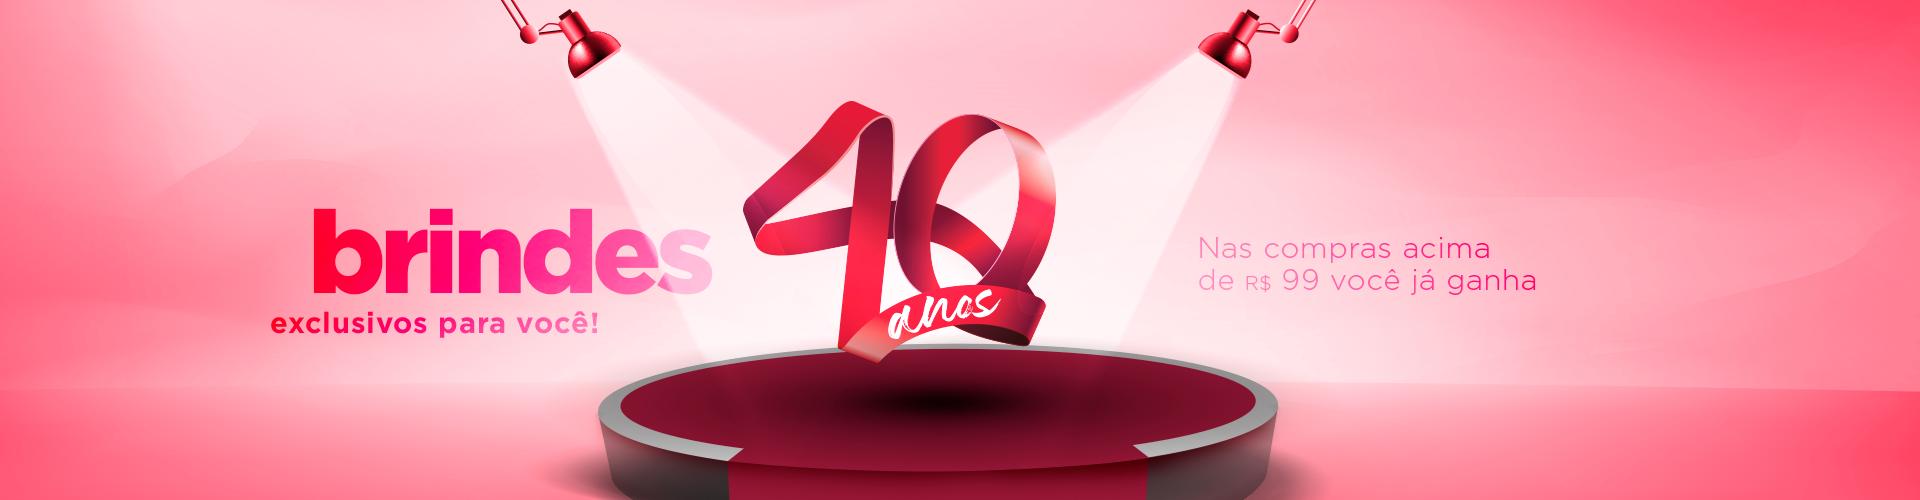 Promoção 40 Anos